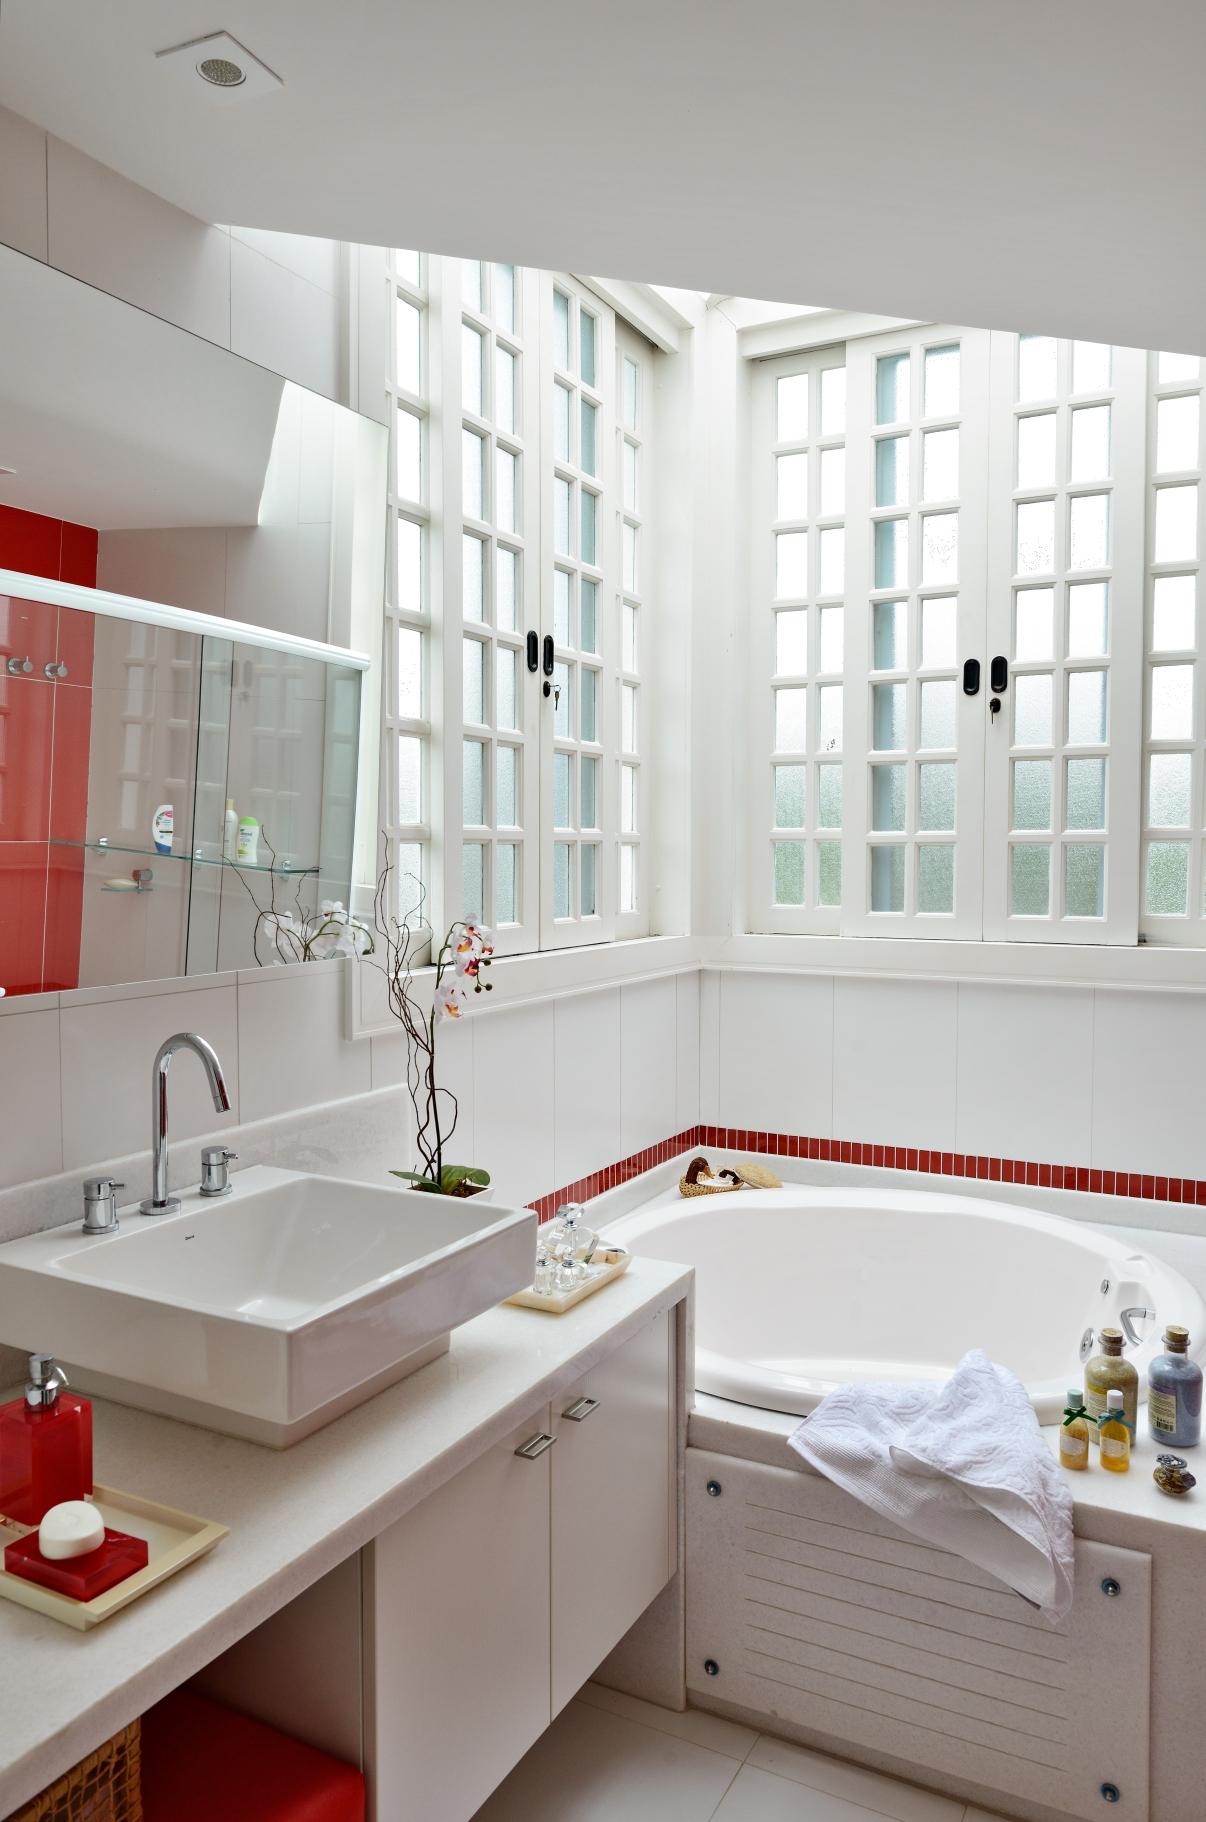 Banheiro da filha com iluminação zenital